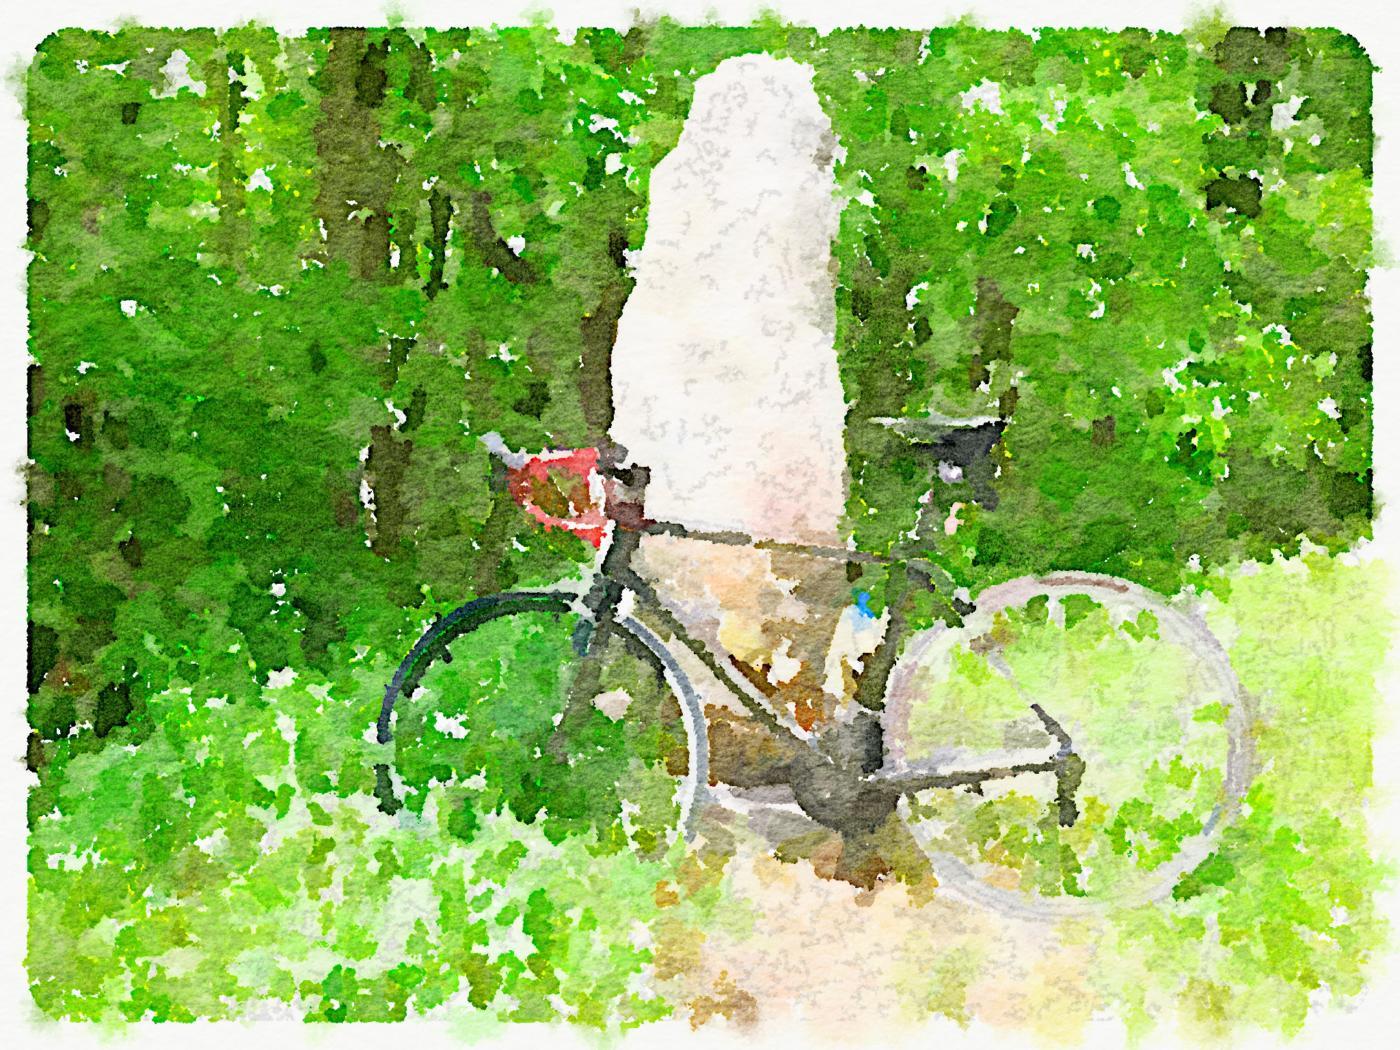 John's Bike